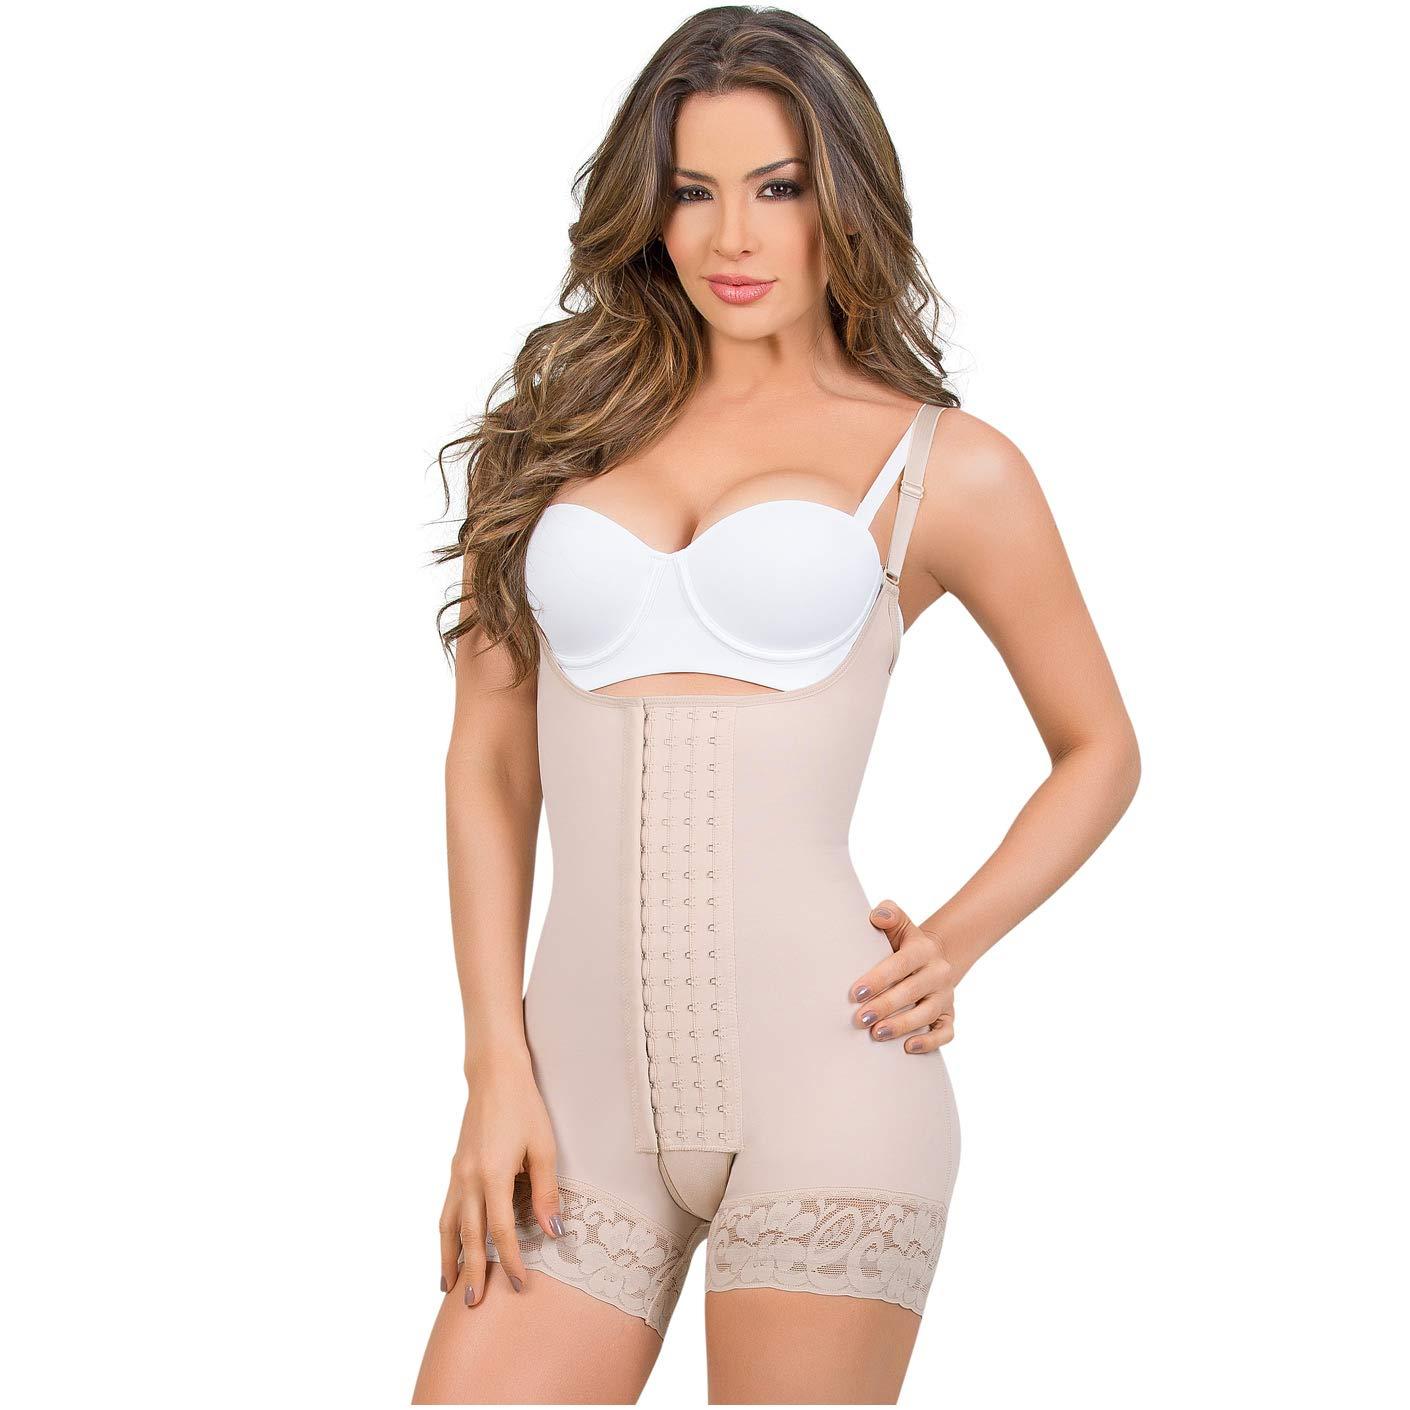 ee3f95b6a27af MARIAE 9334 Tummy Control Butt Lifter Shapewear for Women